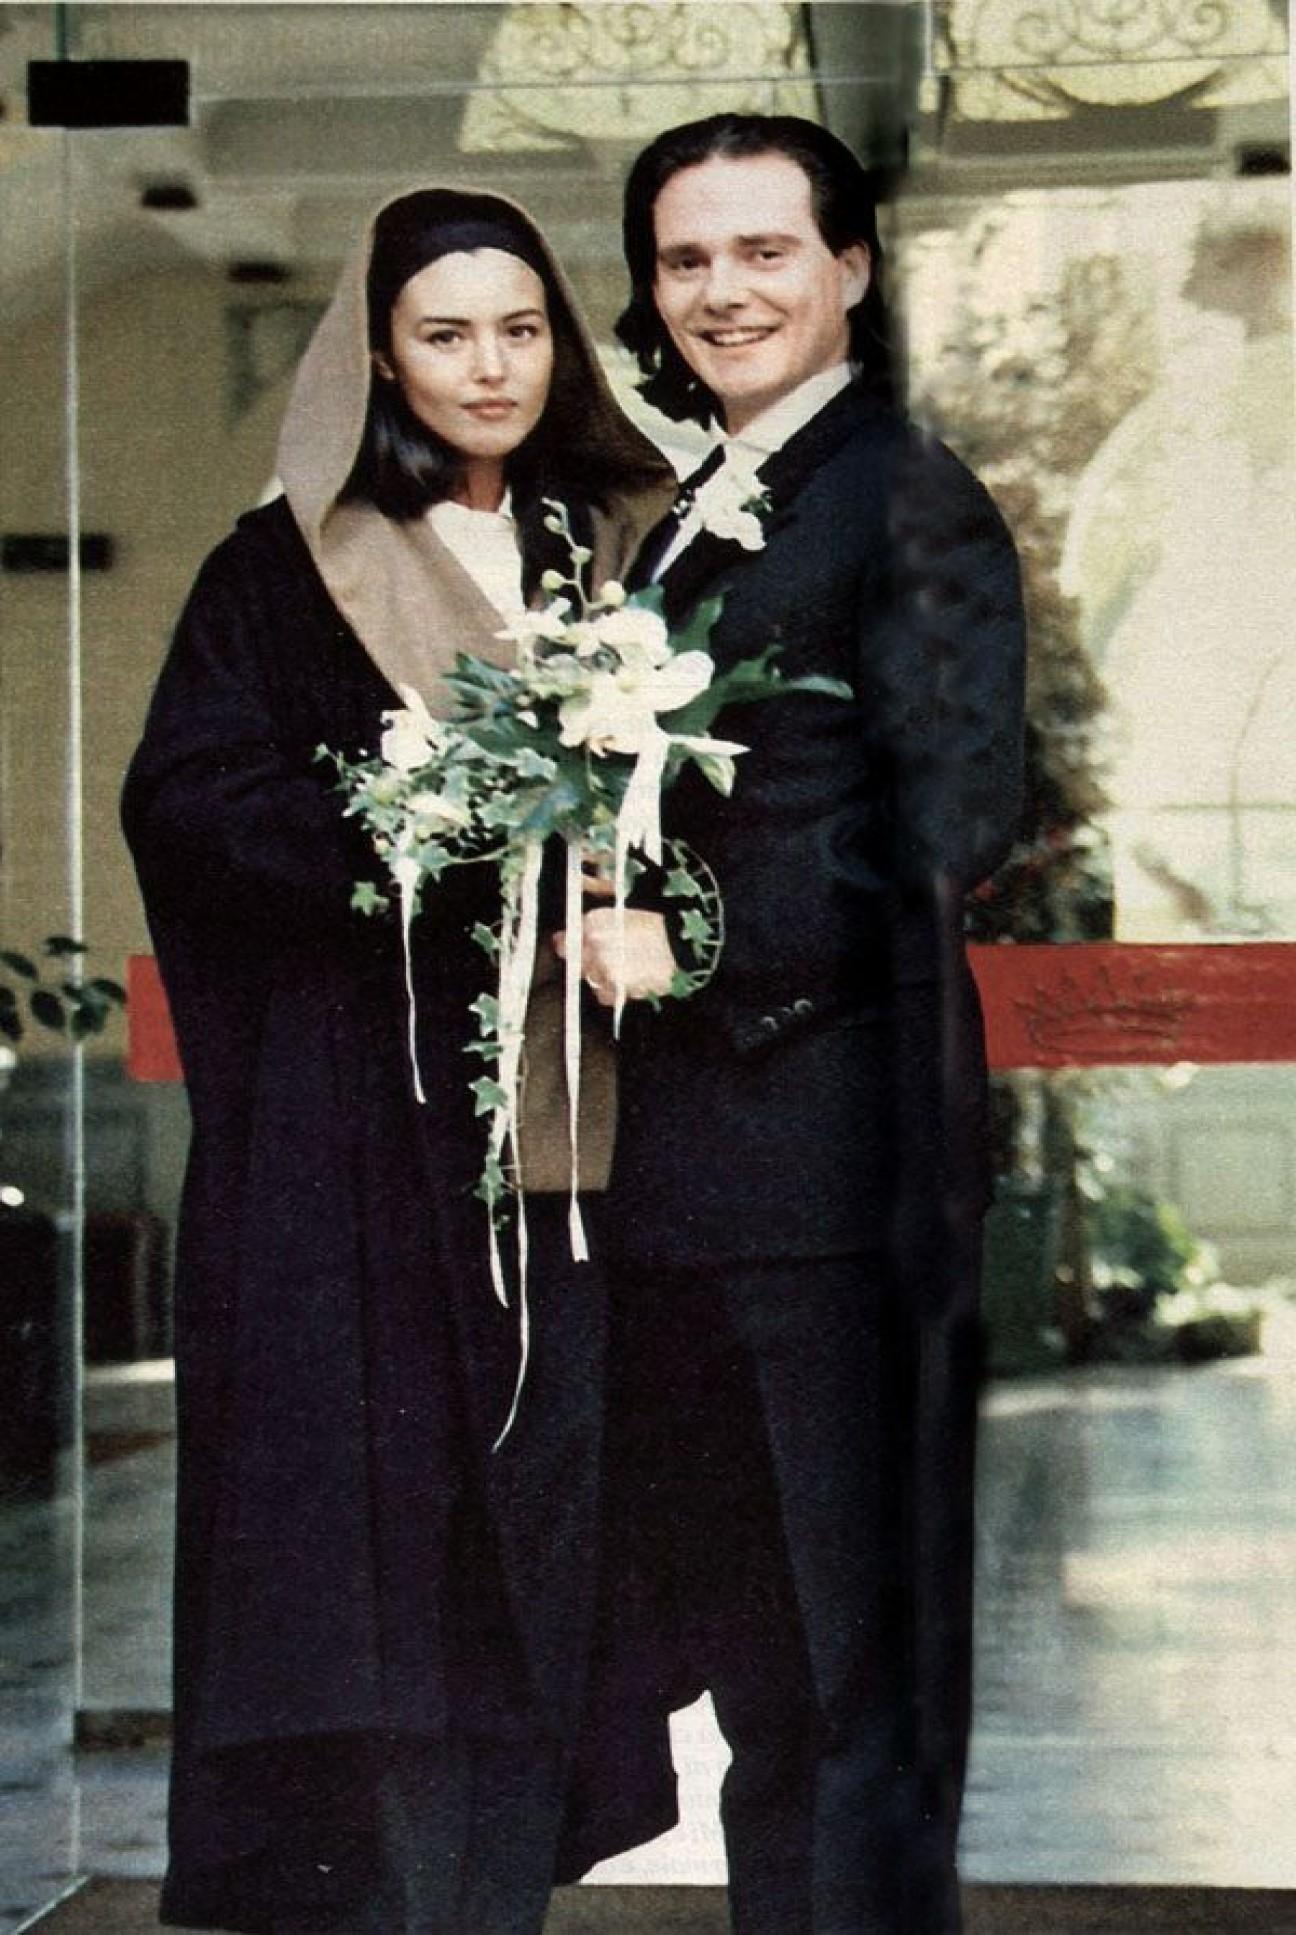 monica bellucci età altezza peso marito figli compagno vita privata